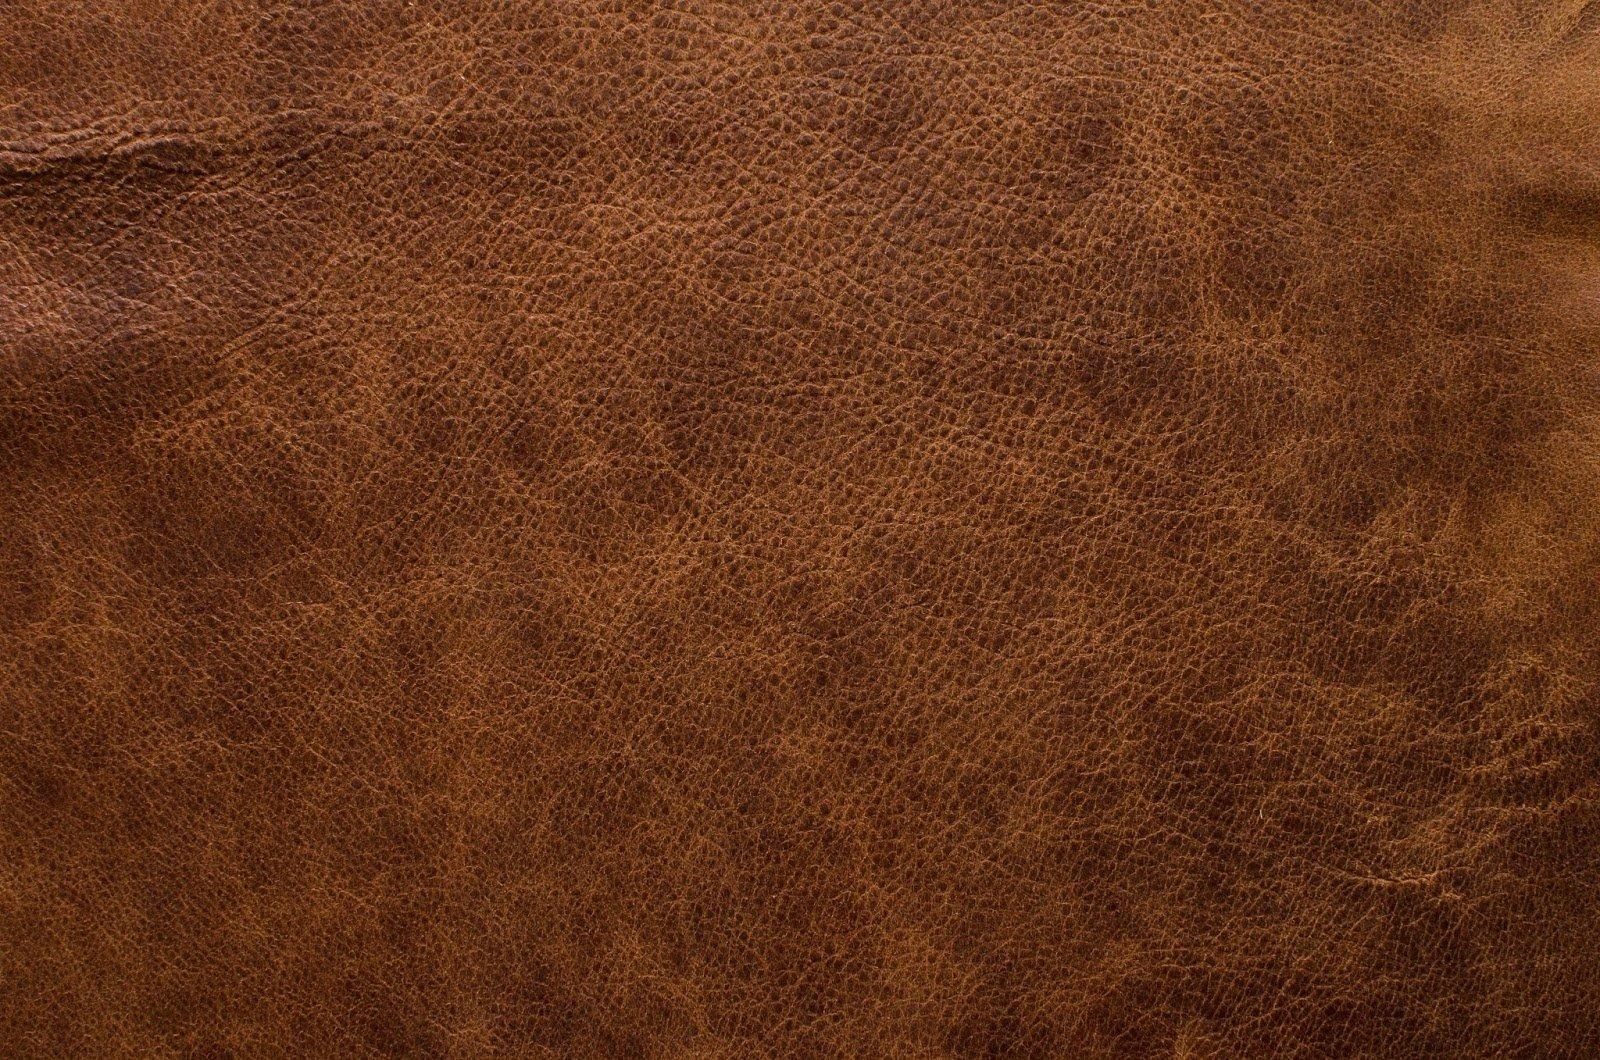 Brown Leather Wallpaper Wallpapersafari